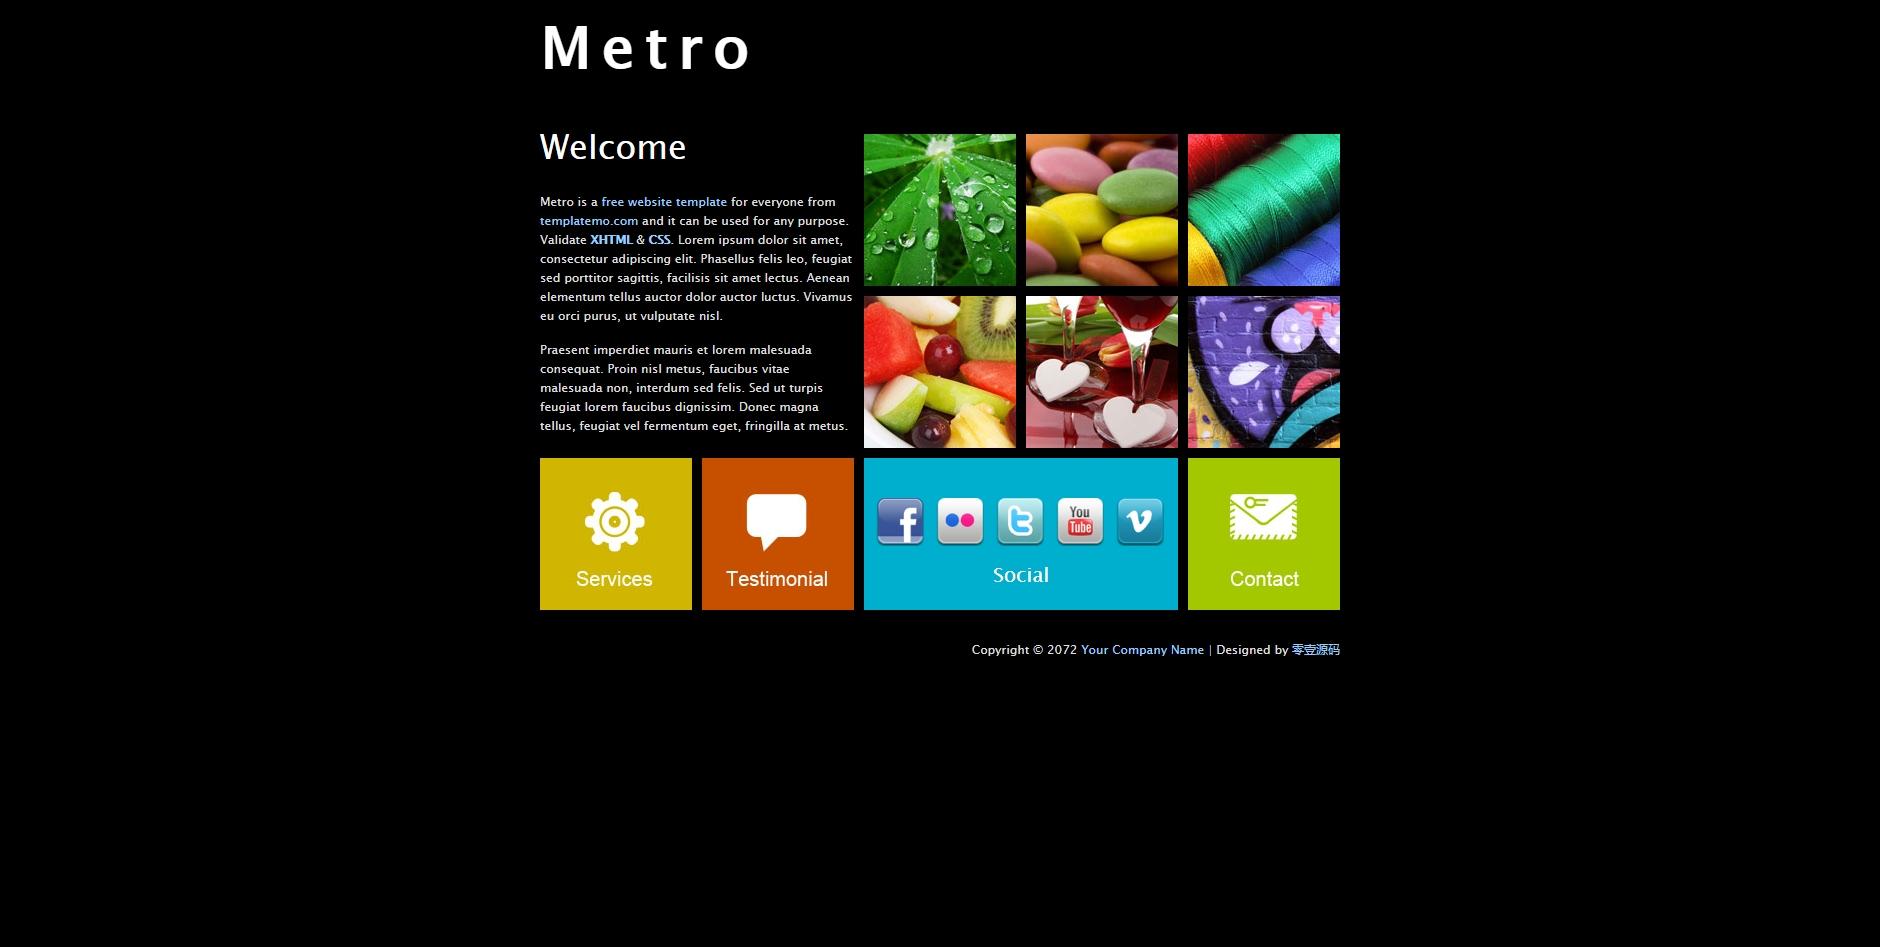 2套白色和黑色的工作室作品展示网页模板html全站下载